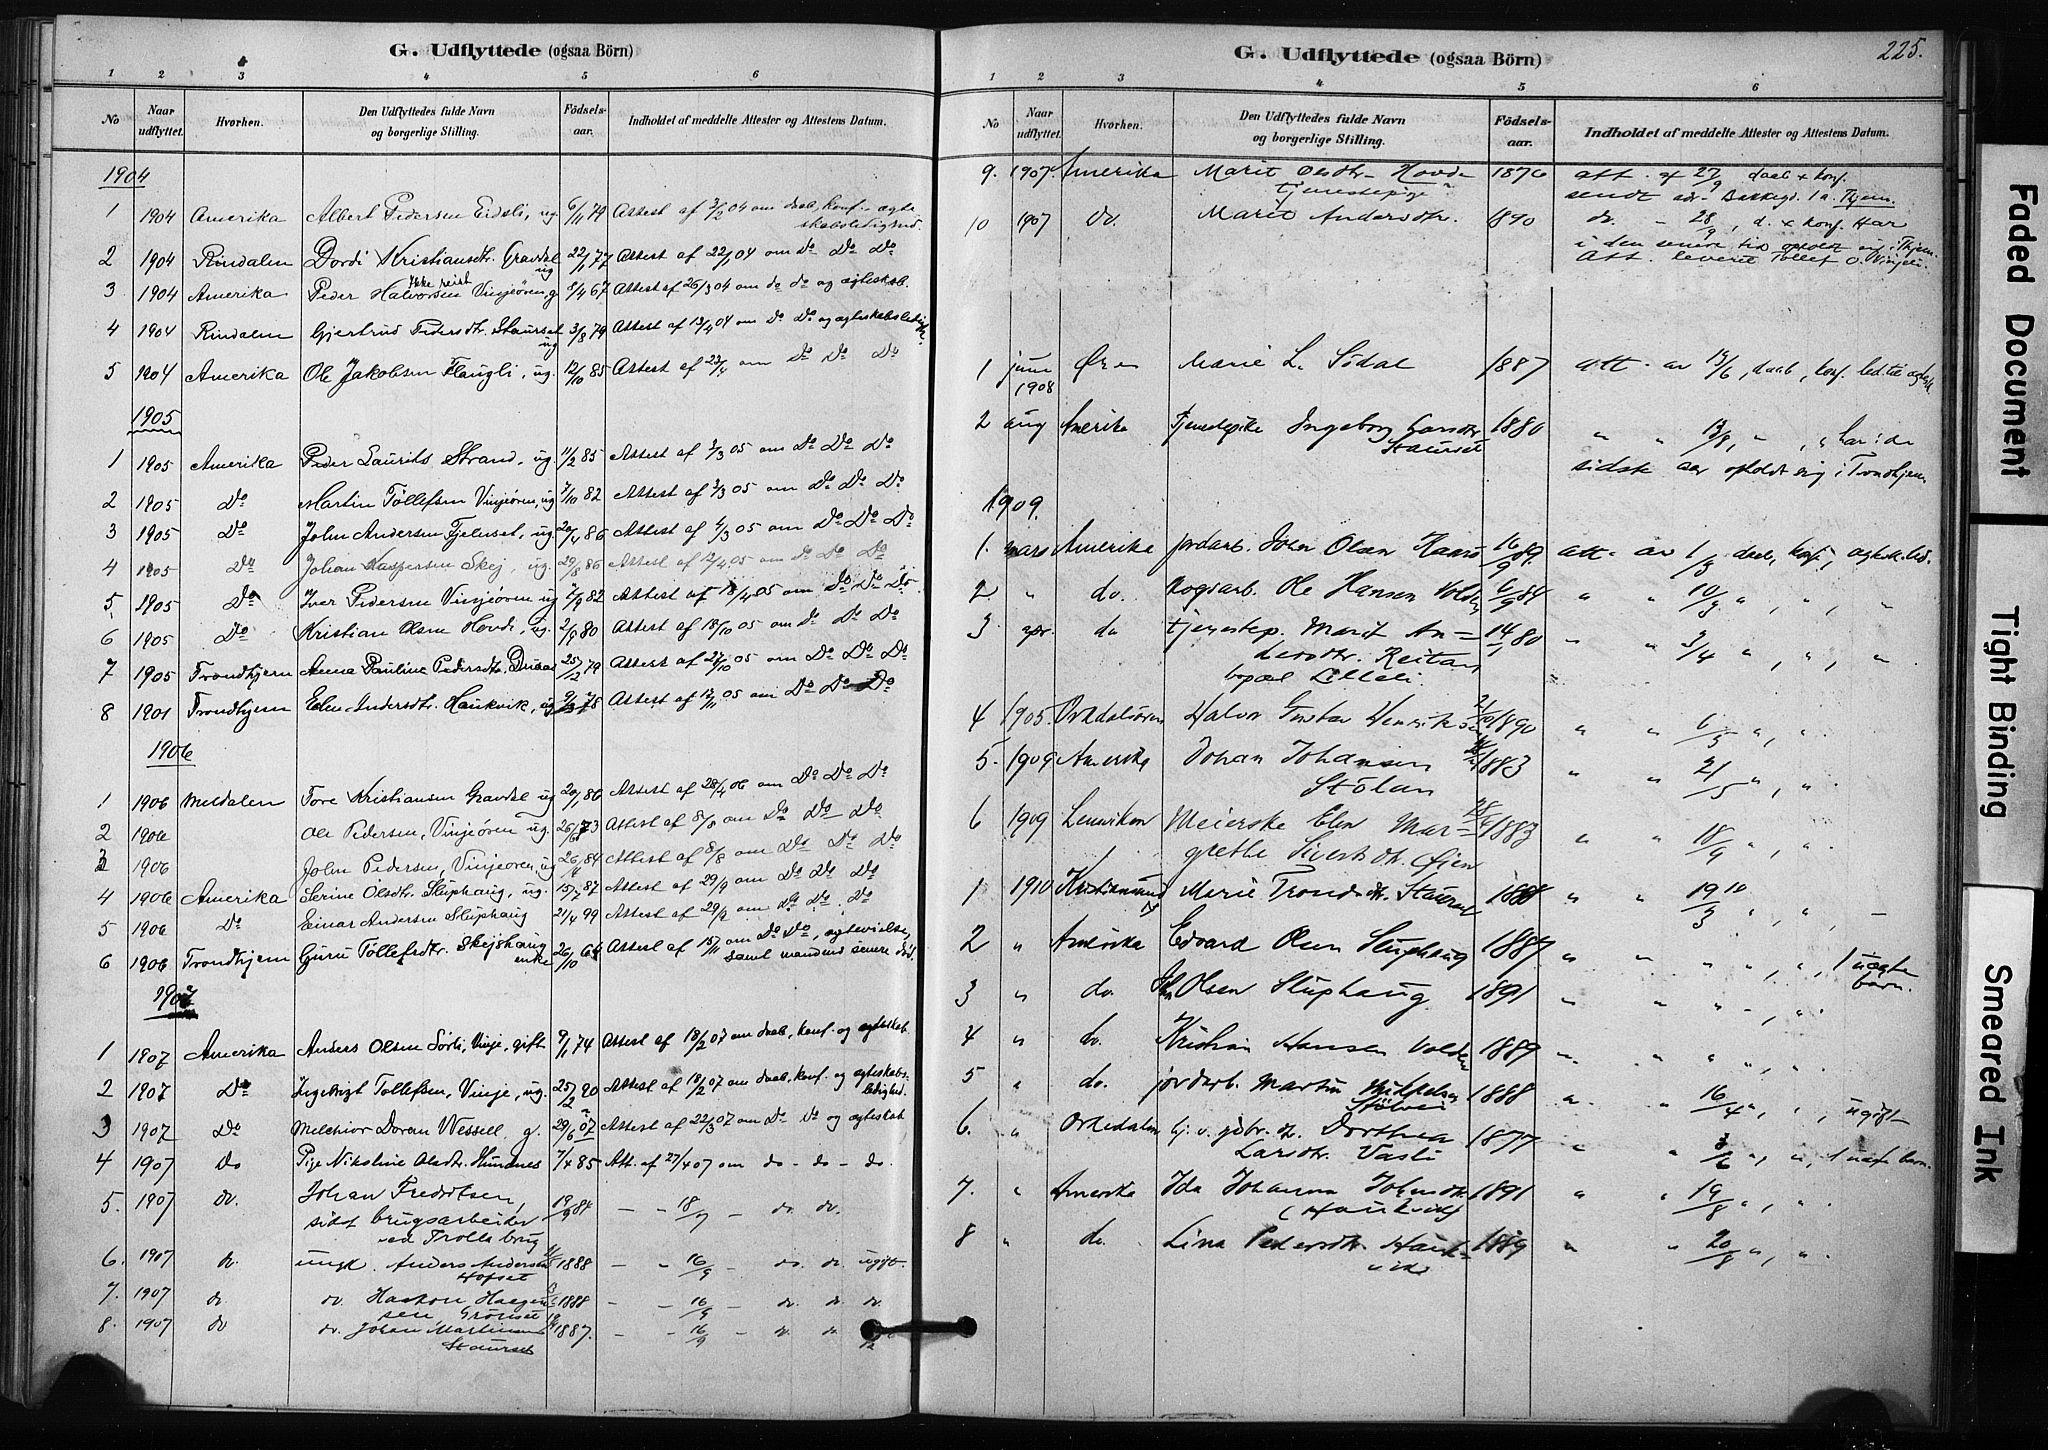 SAT, Ministerialprotokoller, klokkerbøker og fødselsregistre - Sør-Trøndelag, 631/L0512: Ministerialbok nr. 631A01, 1879-1912, s. 225